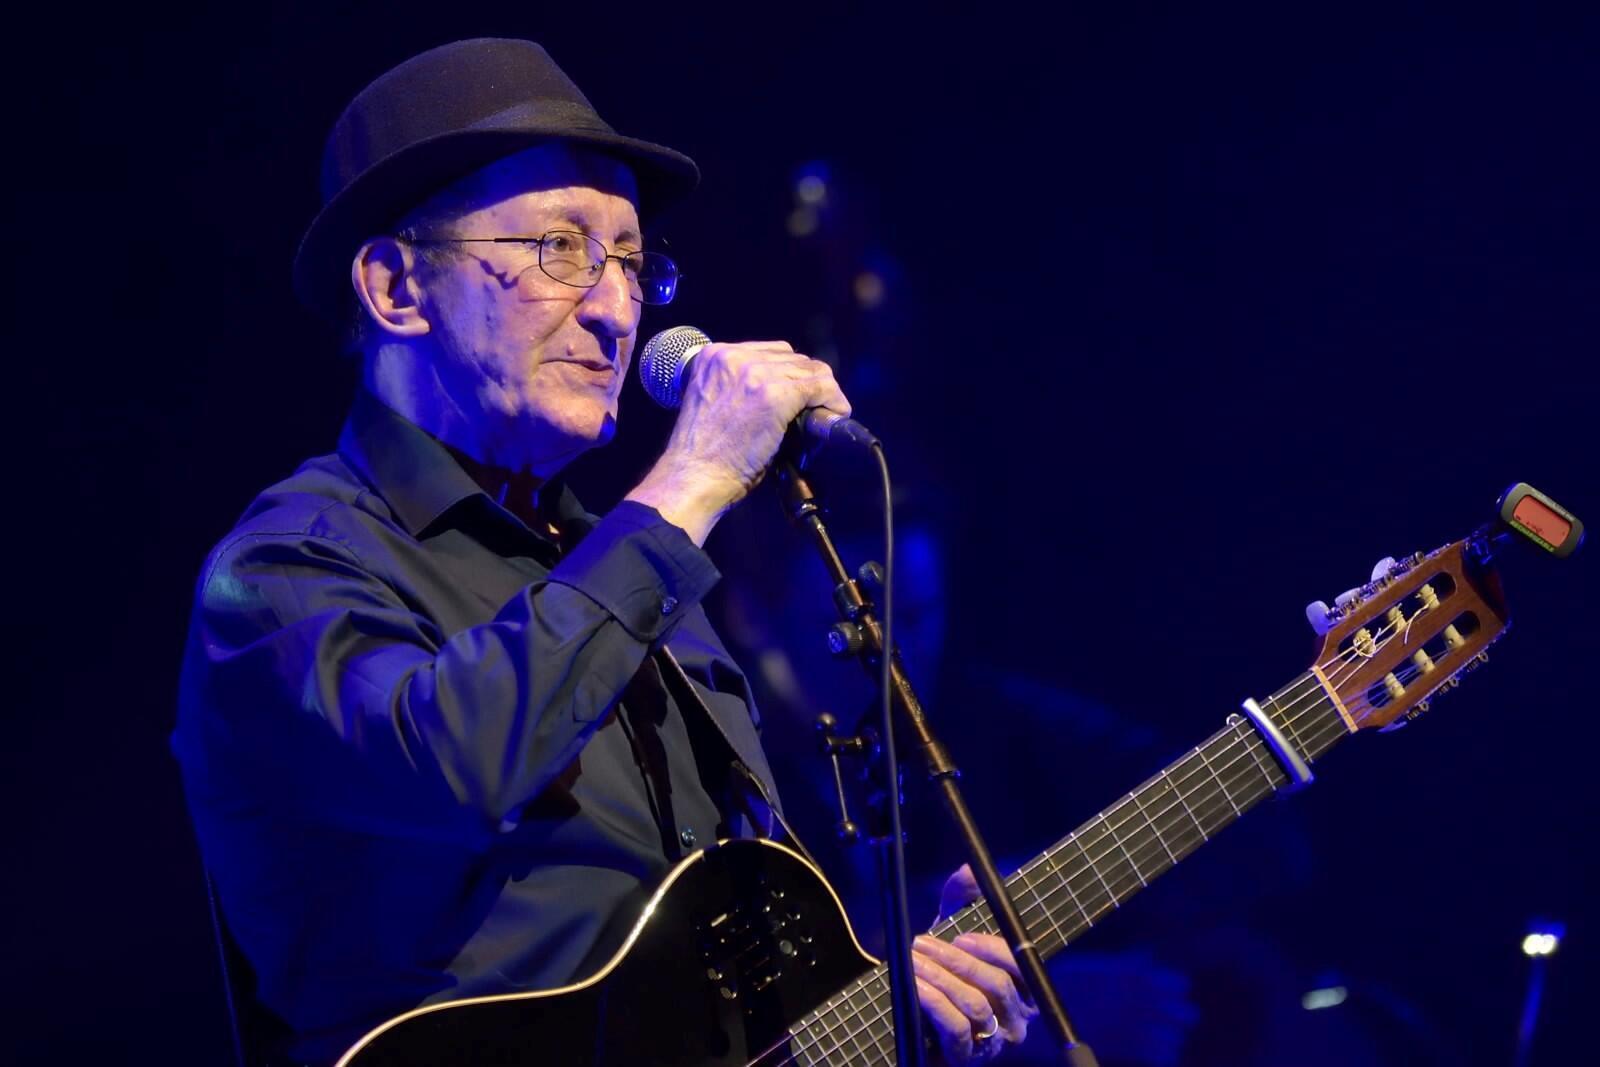 Músico berbere Idir faleceu a 2 de Maio em Paris com 70 anos de idade, vítima de uma infecção pulmonar. Fotografia tirada em concerto na sala do Grand Rex, em Paris em 2017.